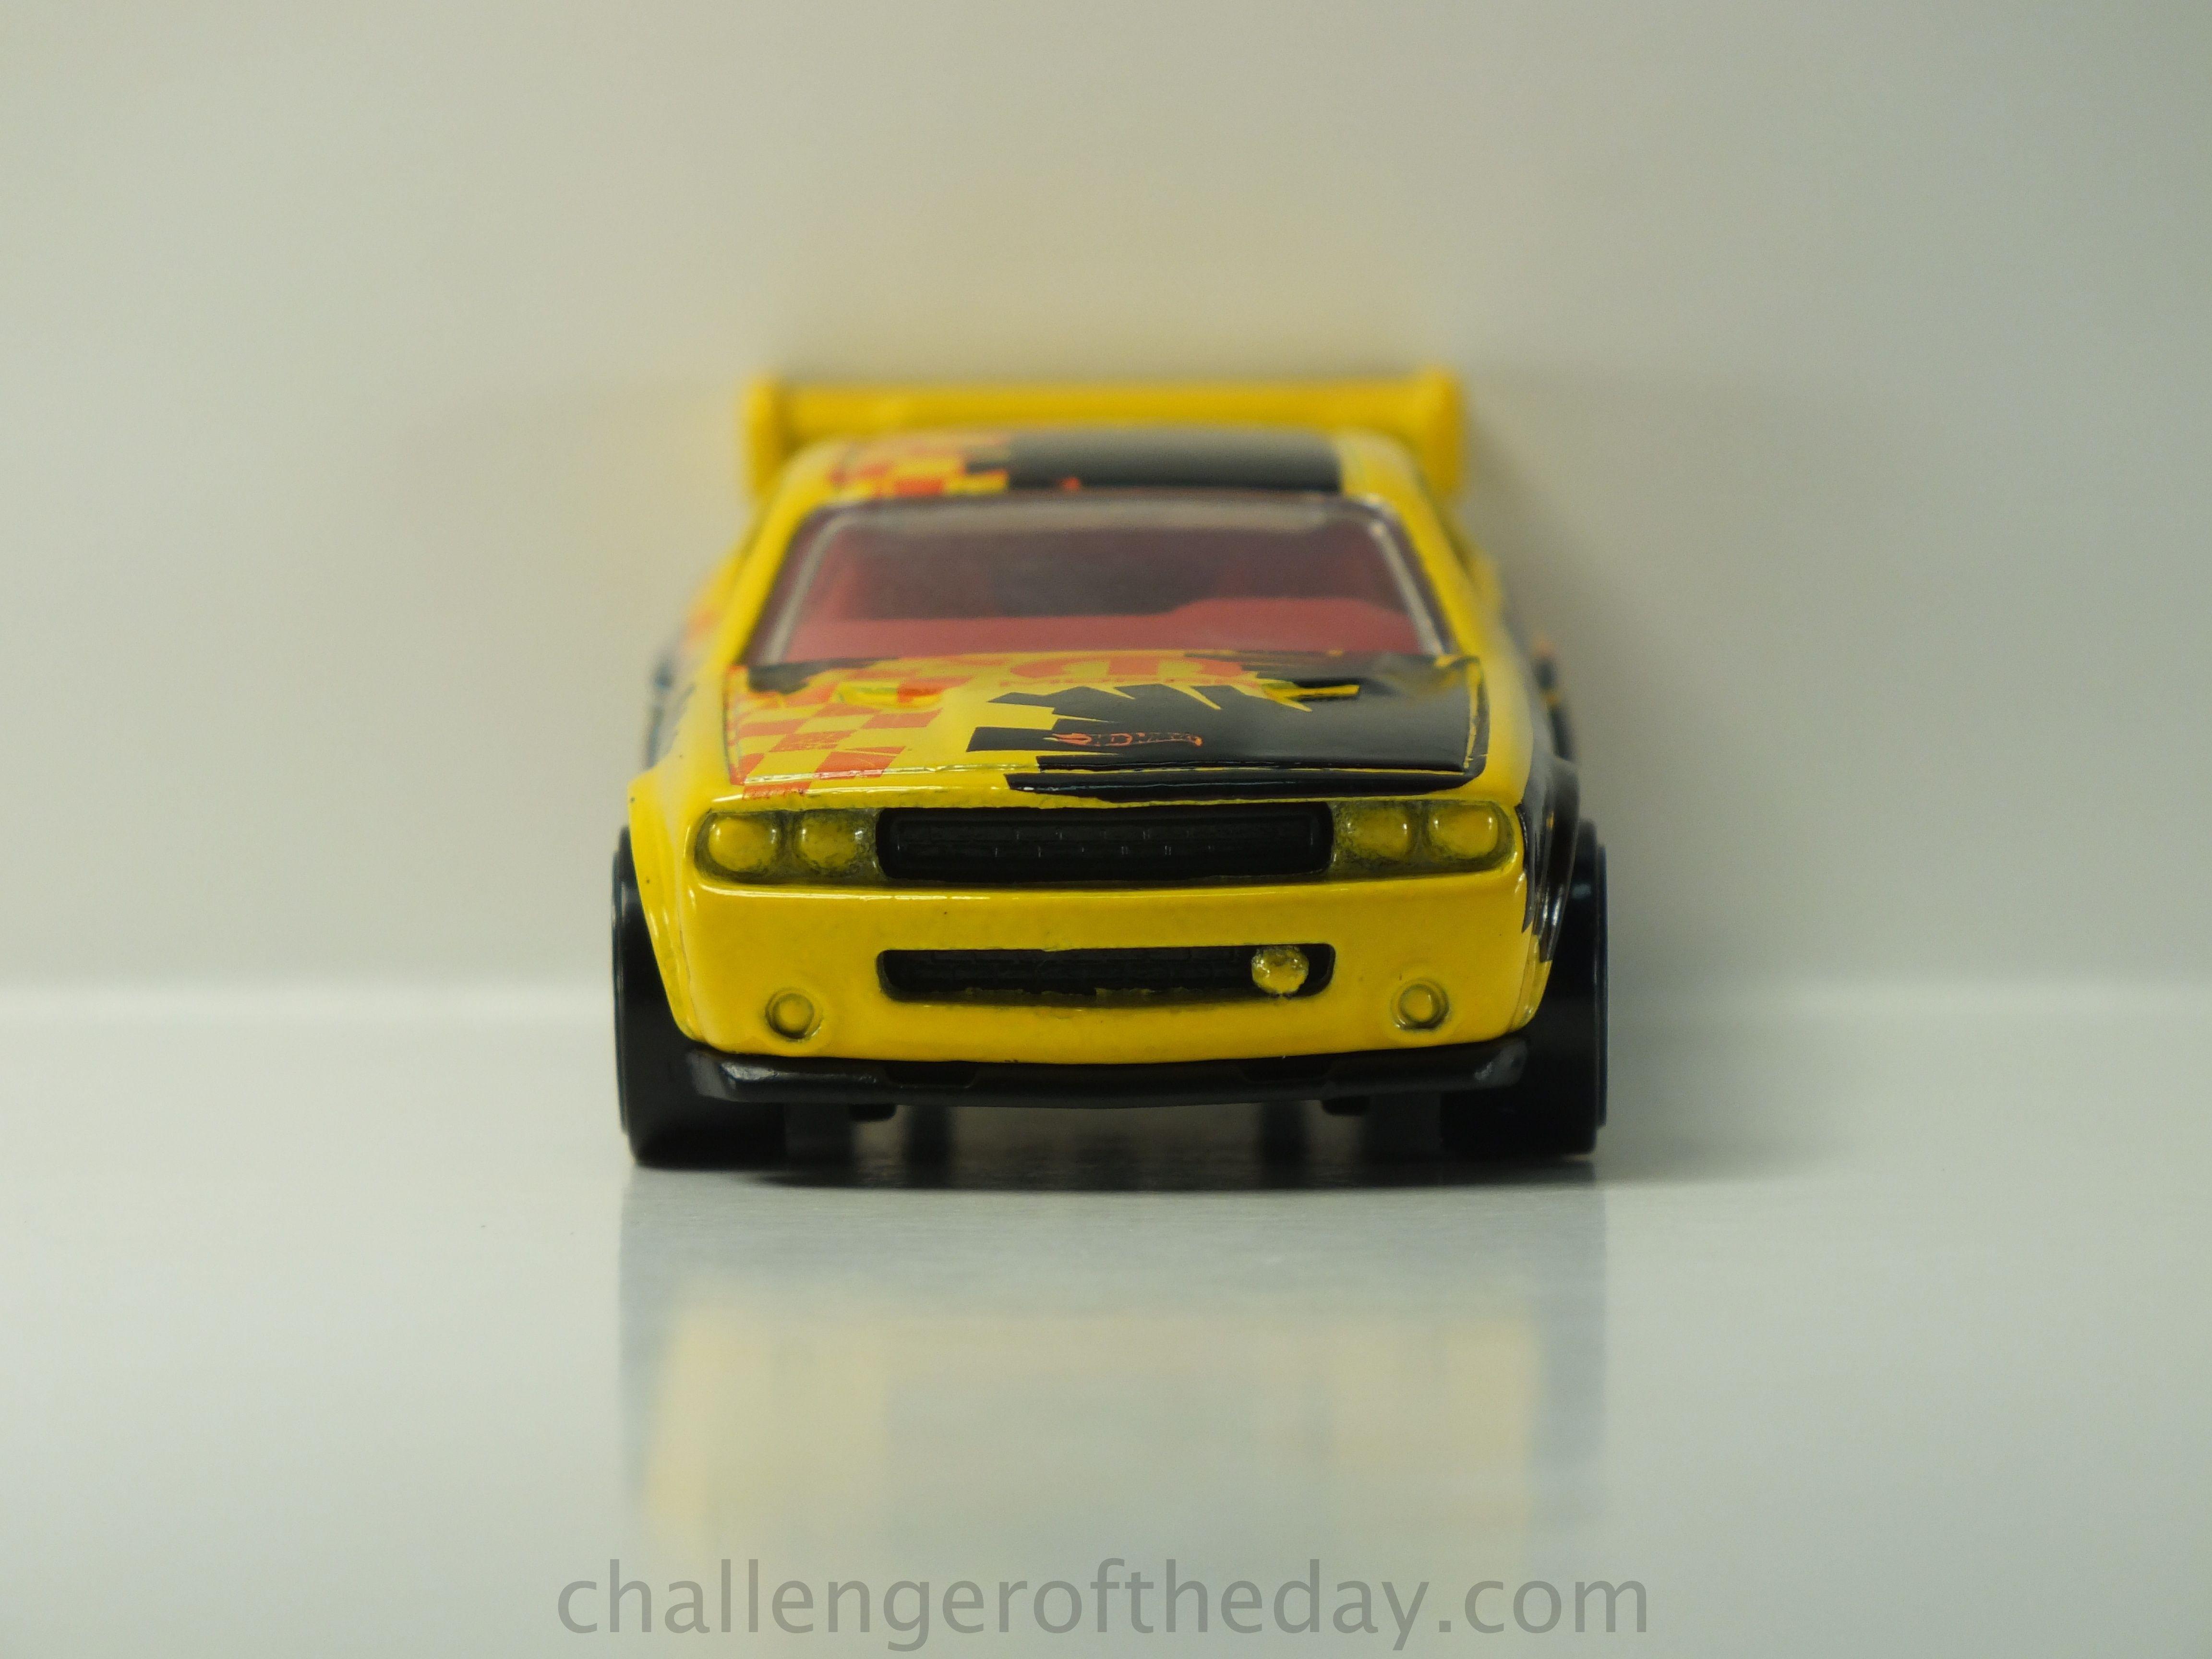 Hot wheels dodge challenger drift car yellow